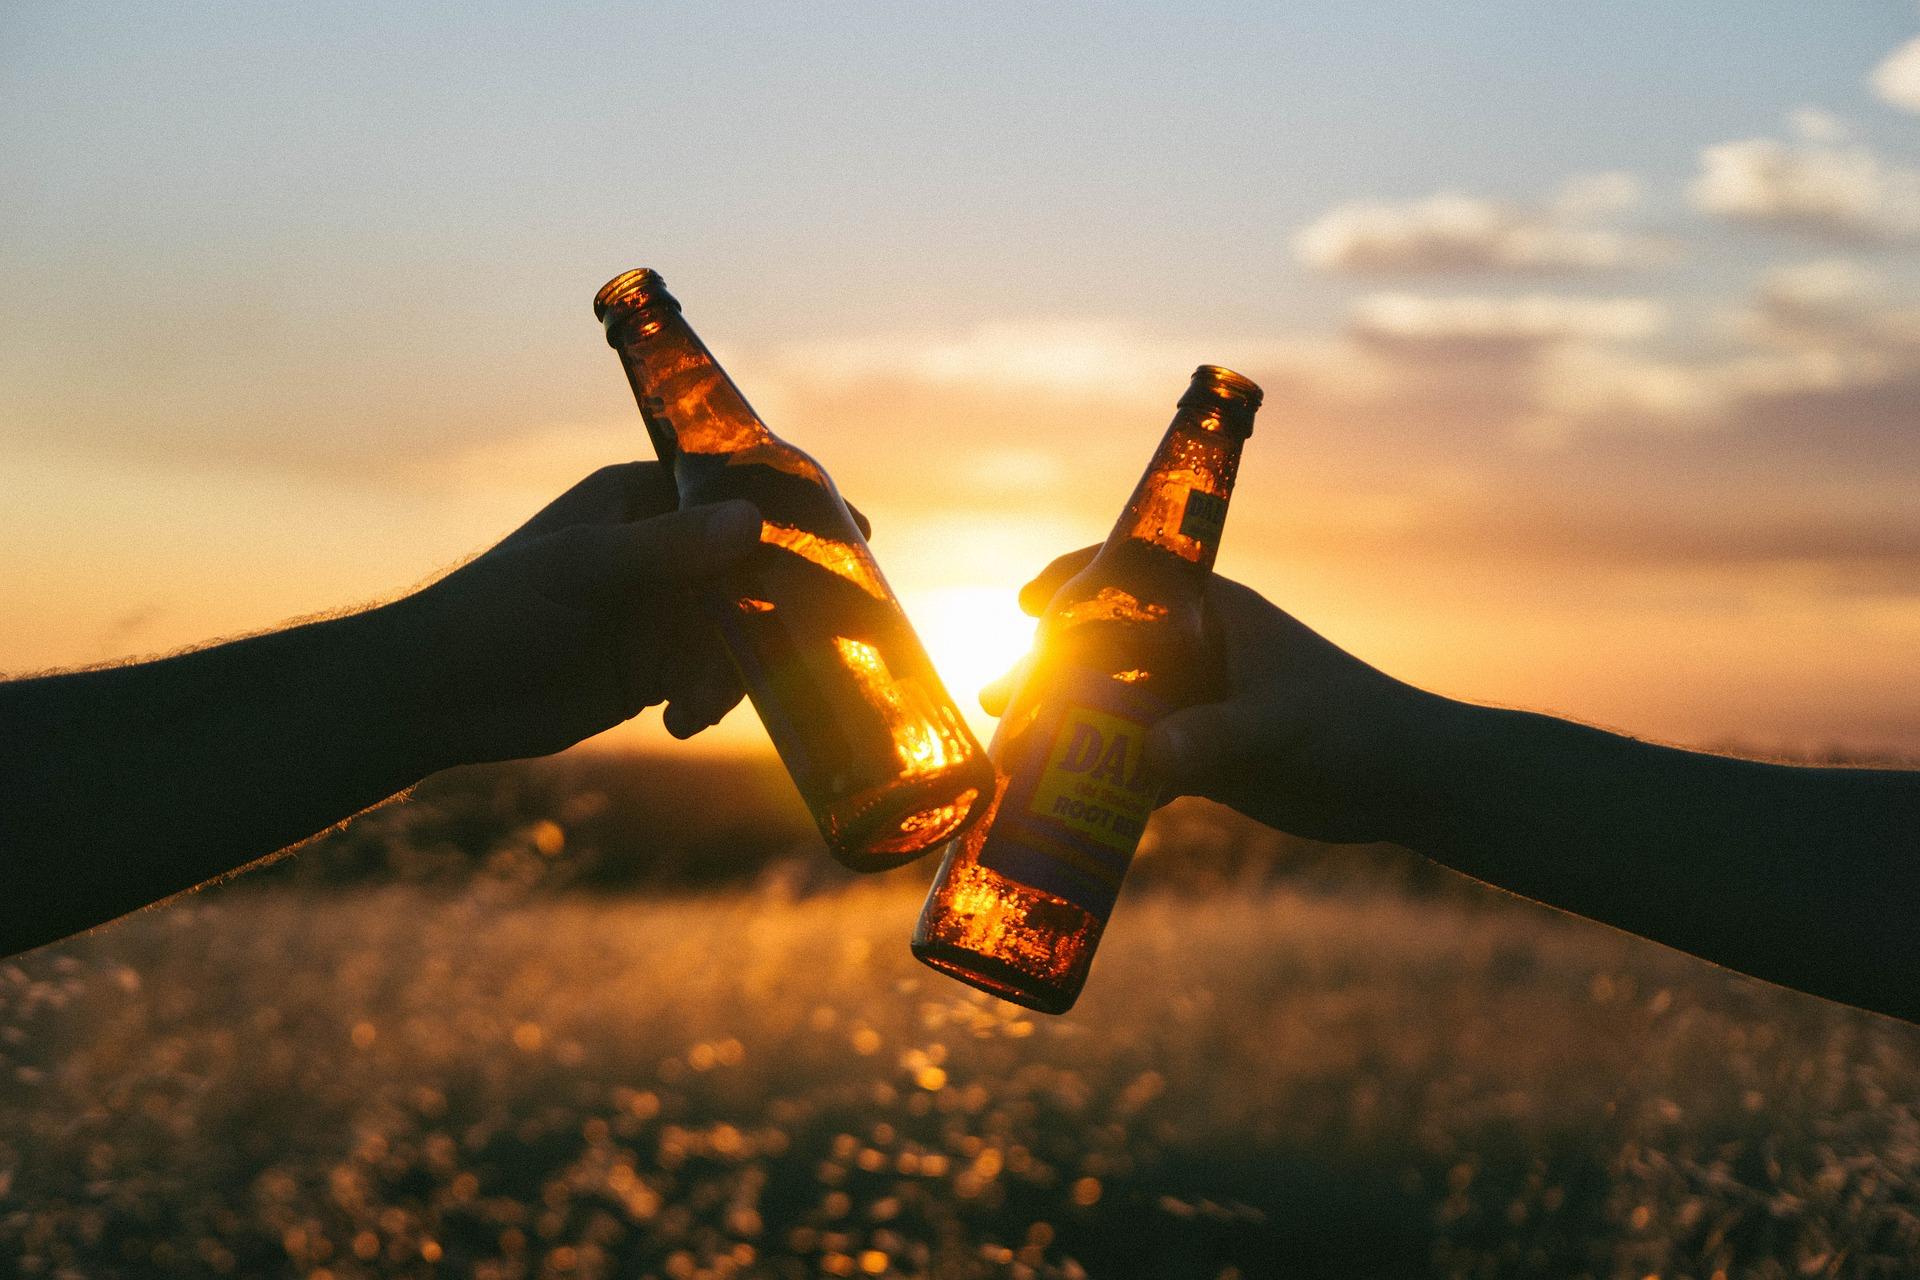 brindis, amistad, cerveza, pareja, relax - Fondos de Pantalla HD - professor-falken.com